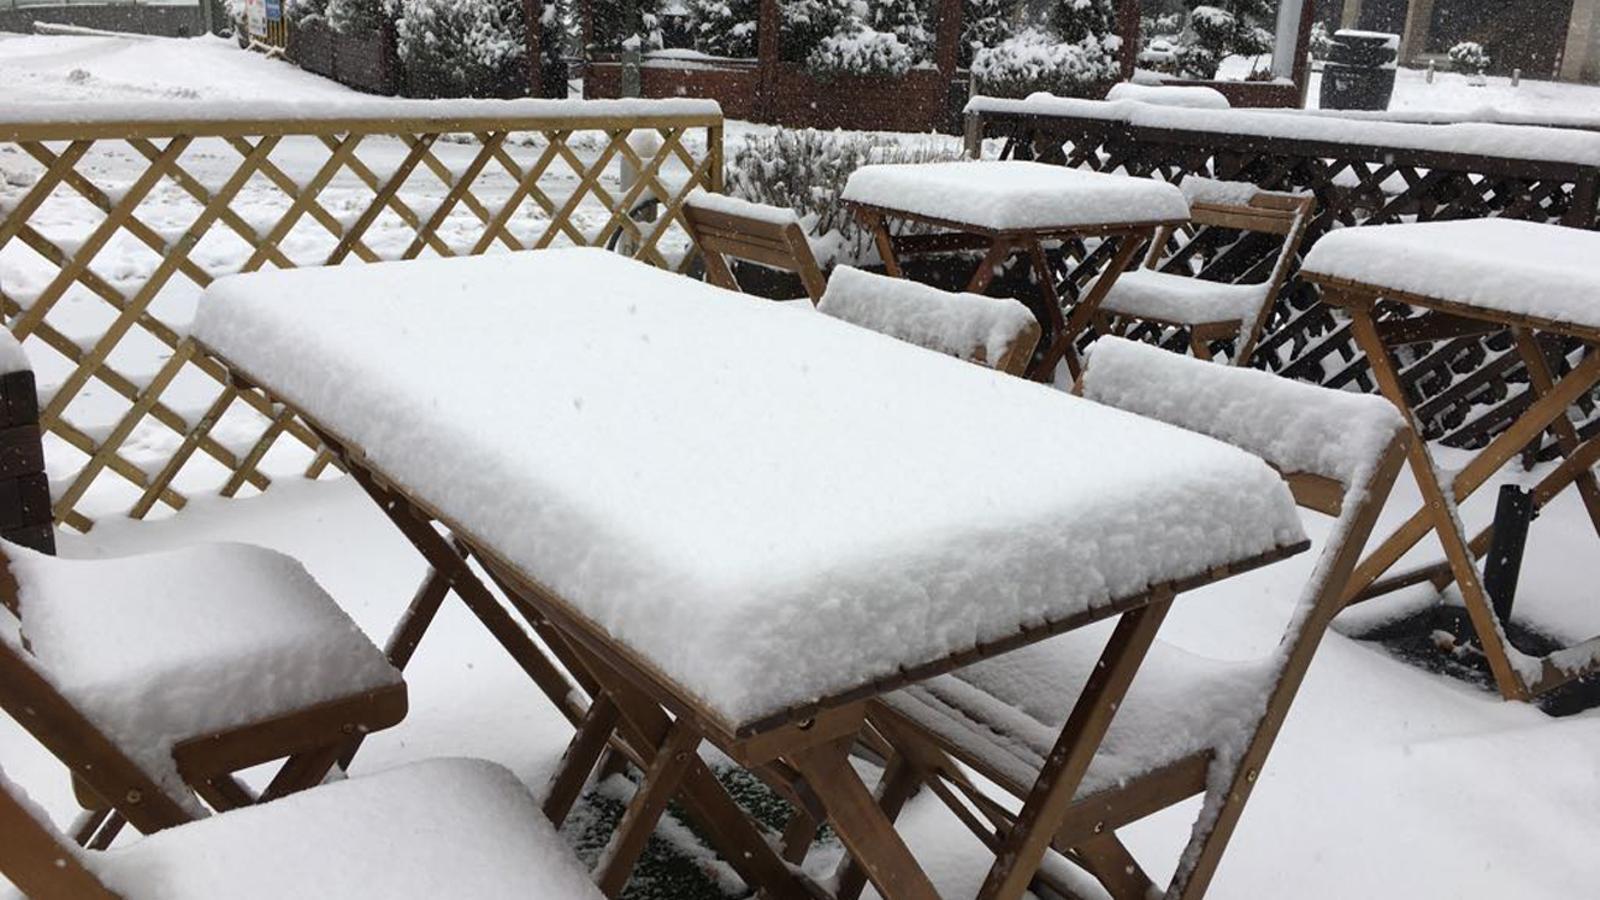 Queda activada l'alerta groga per fortes nevades a partir de les 18 hores d'aquest dimecres. / ARXIU